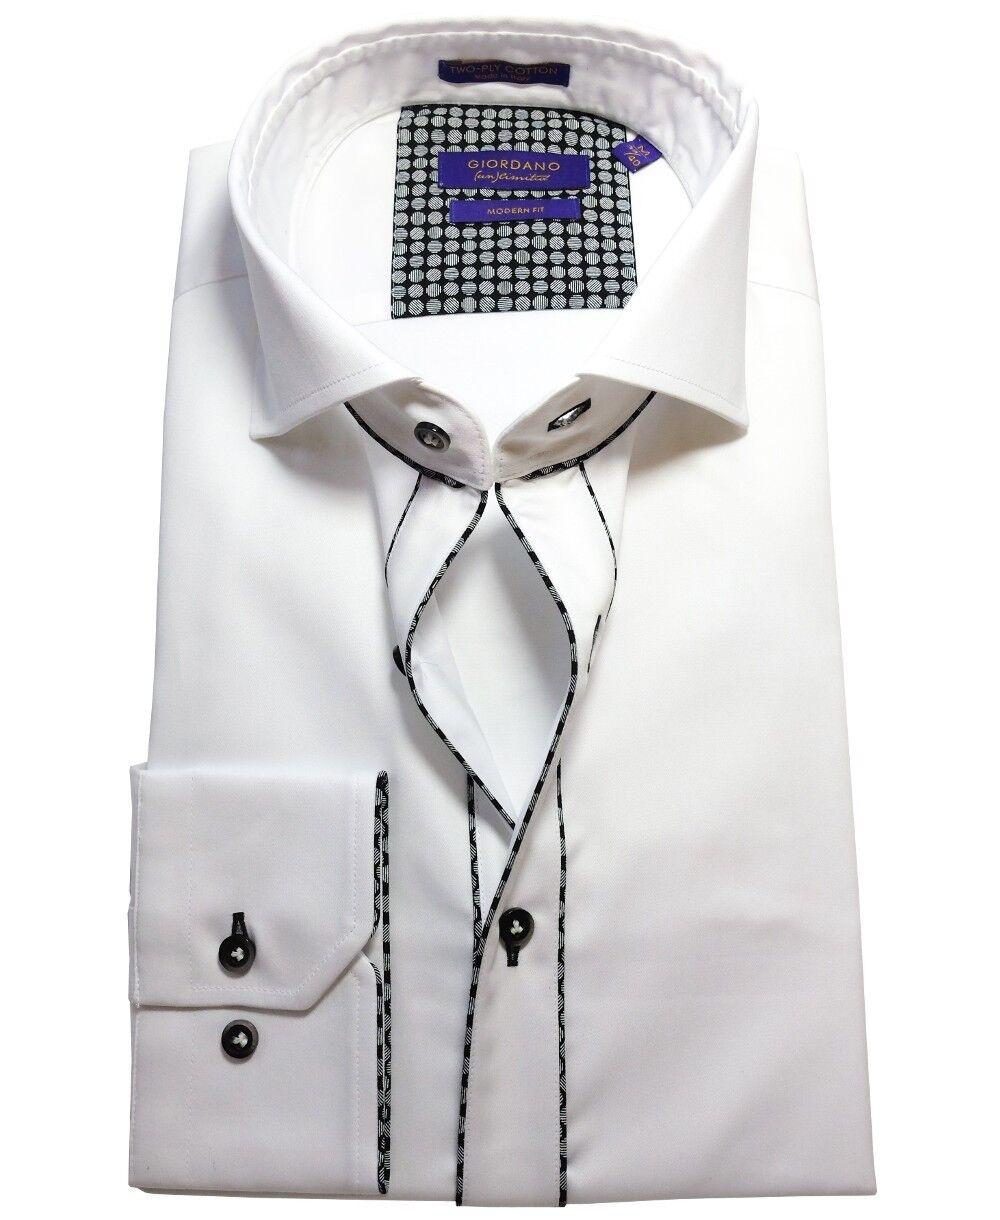 Giordano Langarmhemd Modern Fit in weiss mit schwarzer Paspel M 40 bis XXL 46